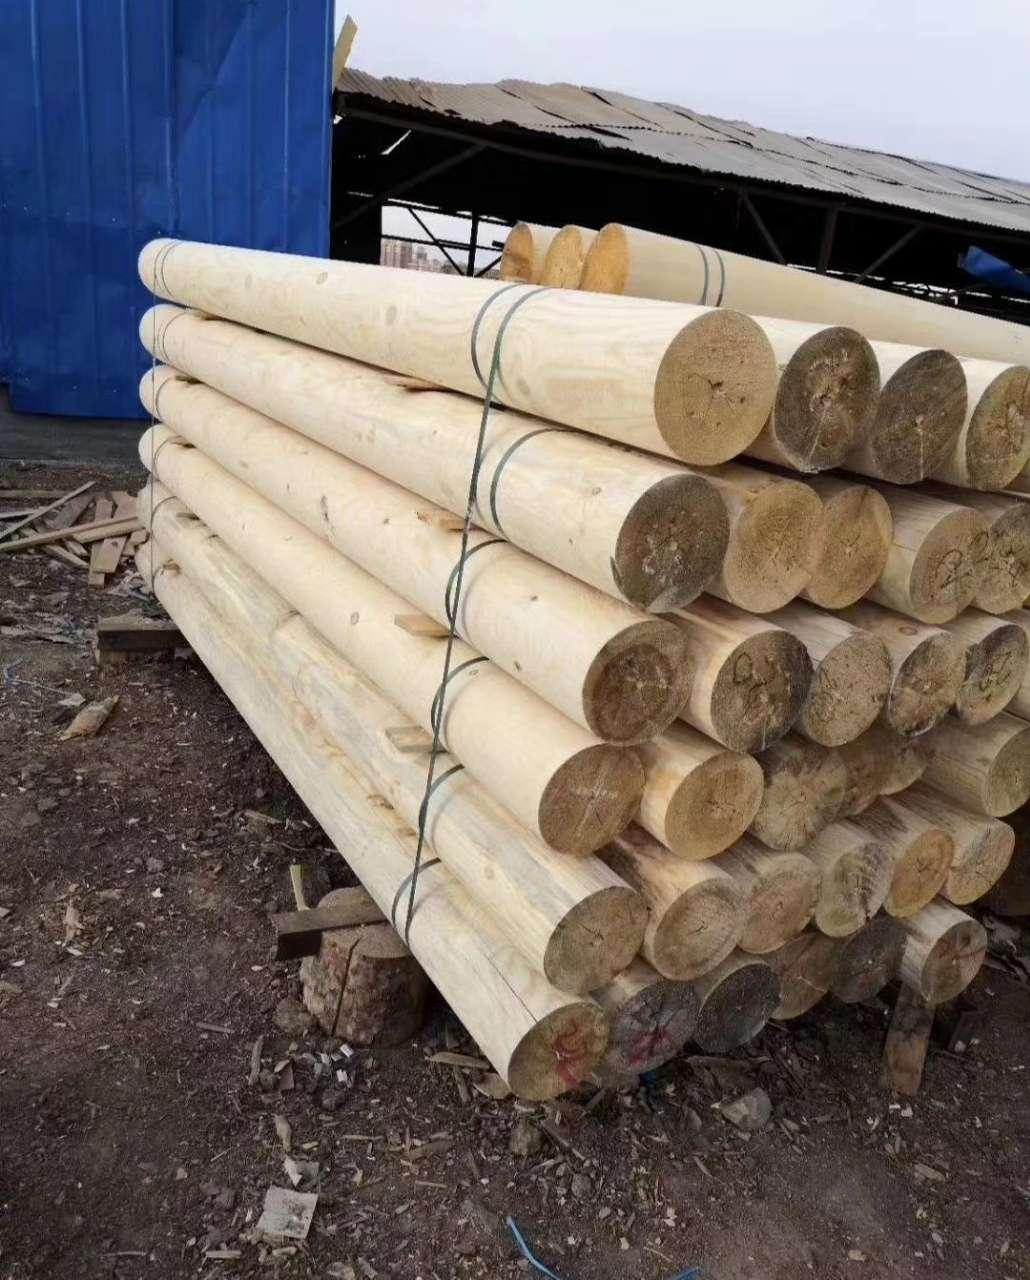 深度防腐木地板-淘宝拼多多热销深度防腐木地... - 阿里巴巴货源